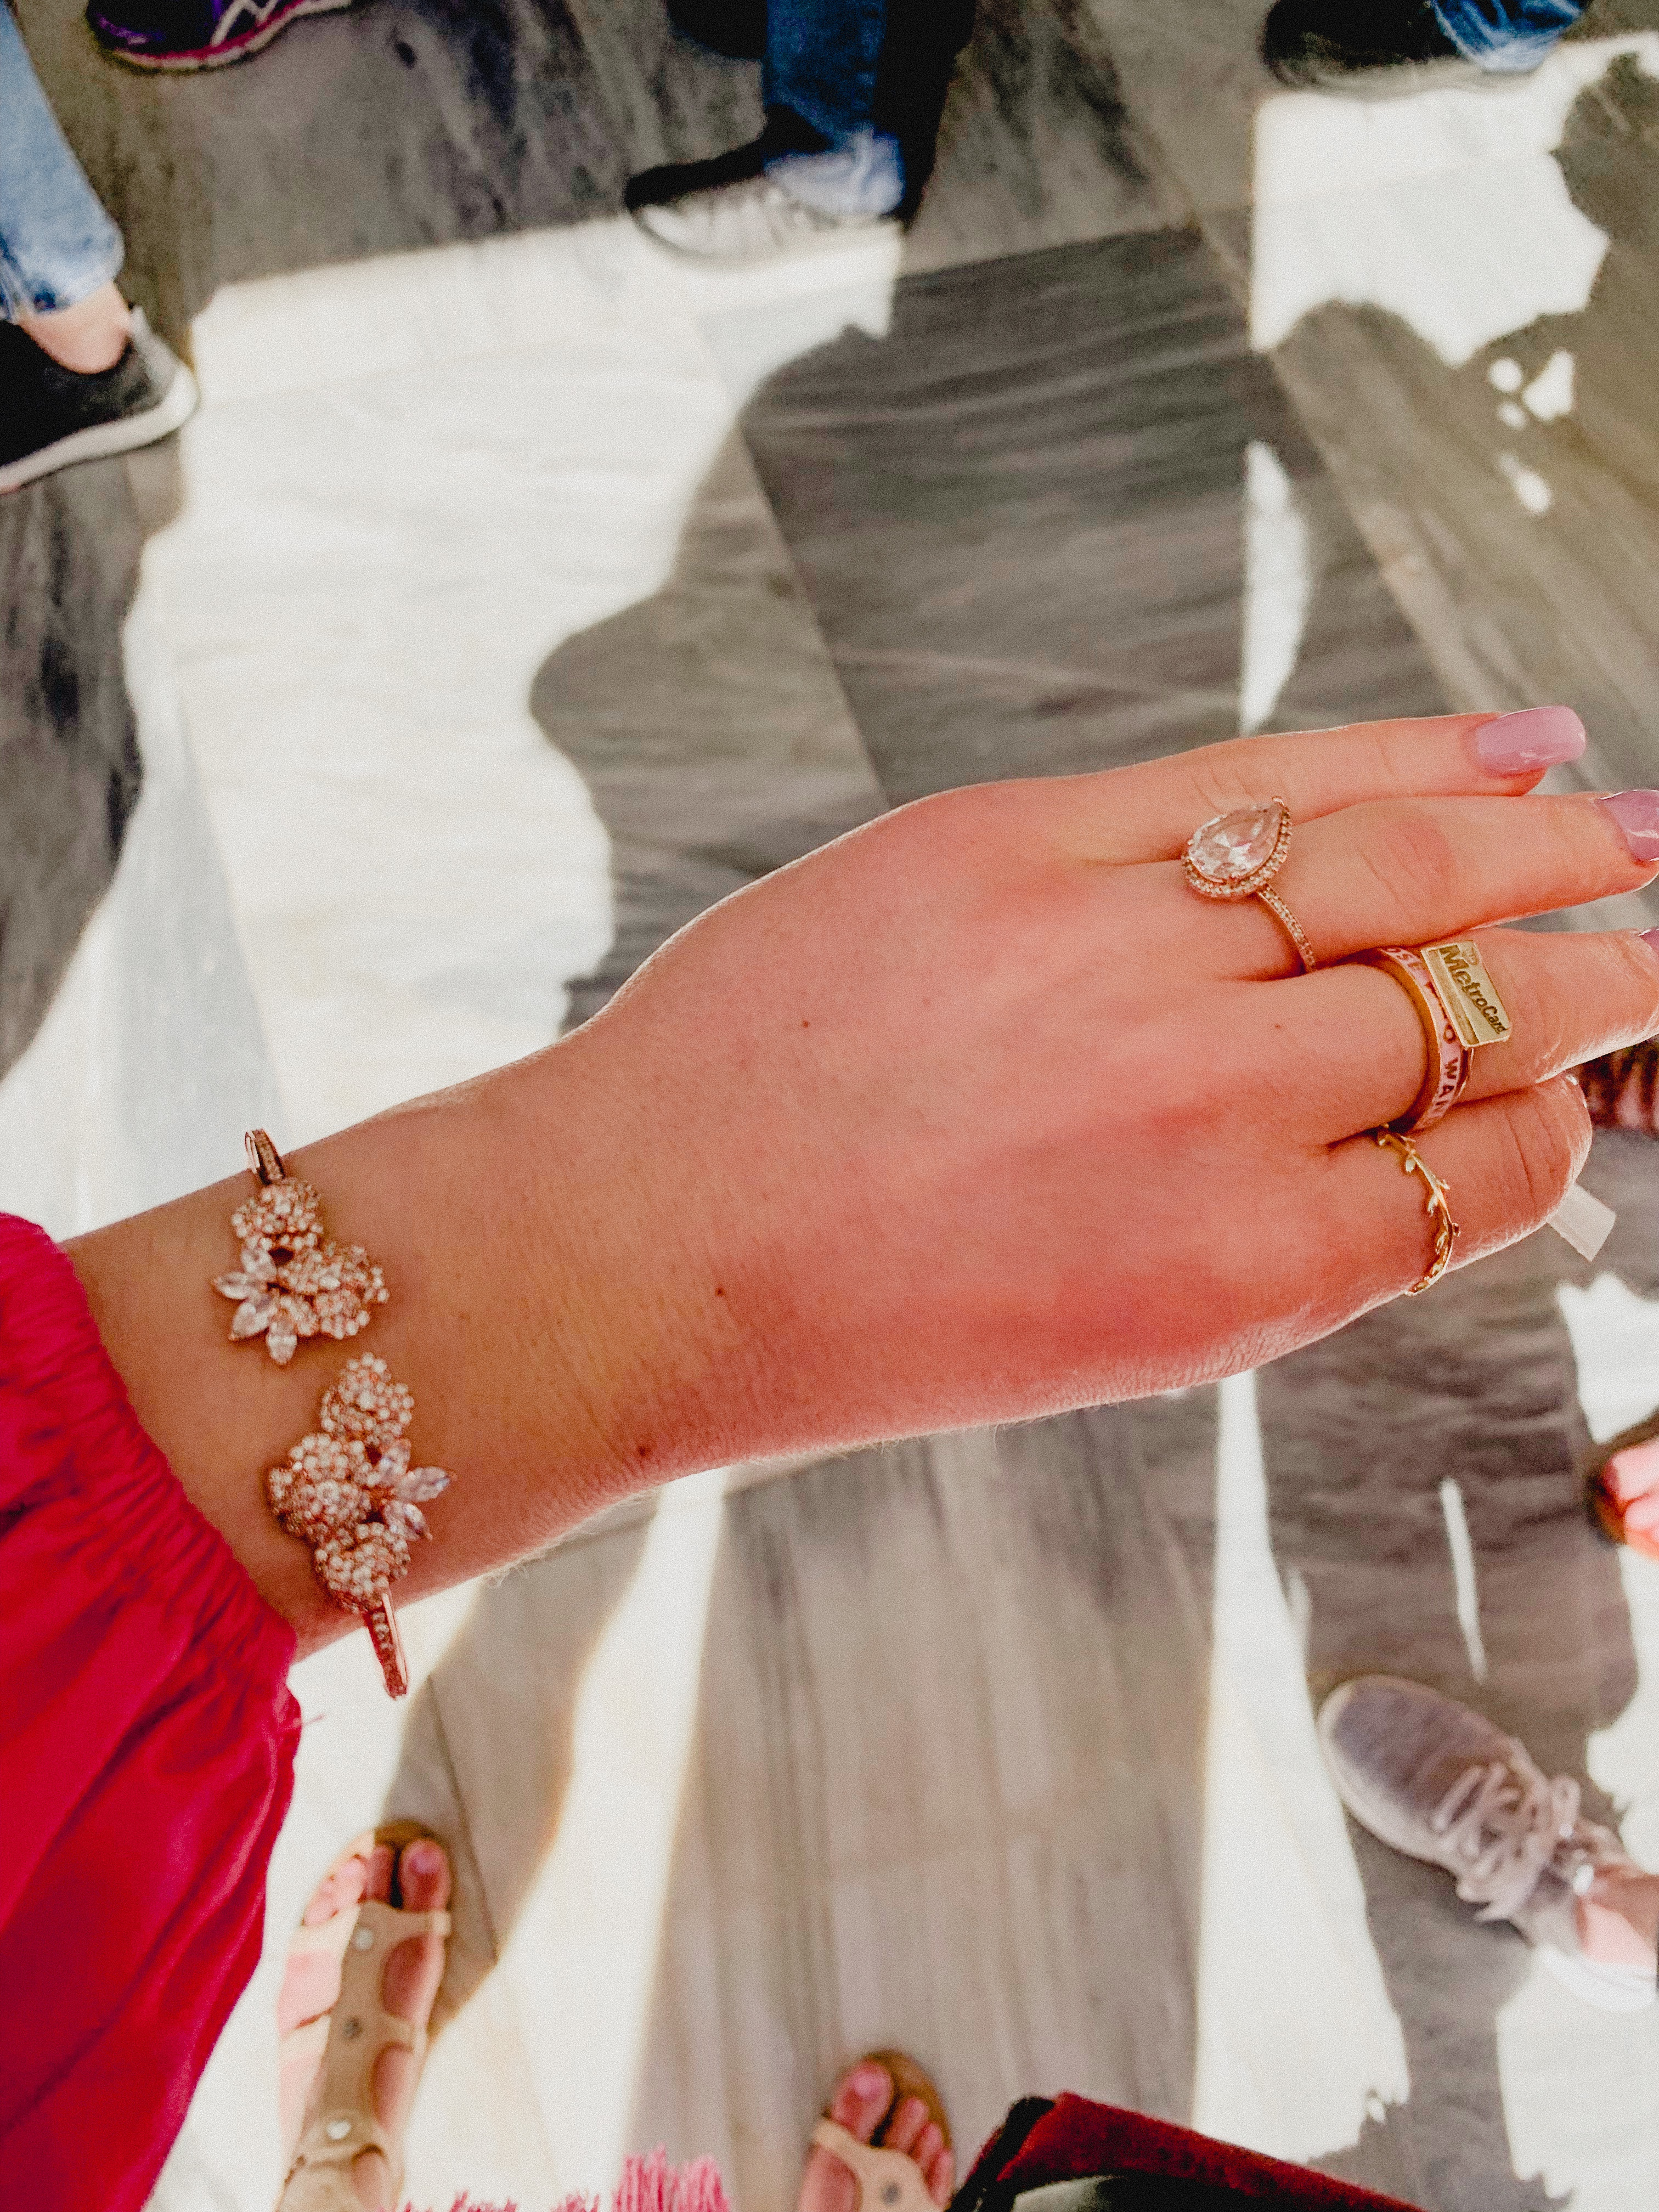 Pandora teardrop Ring & Kate Spade Rose Gold Clasp Bracelet